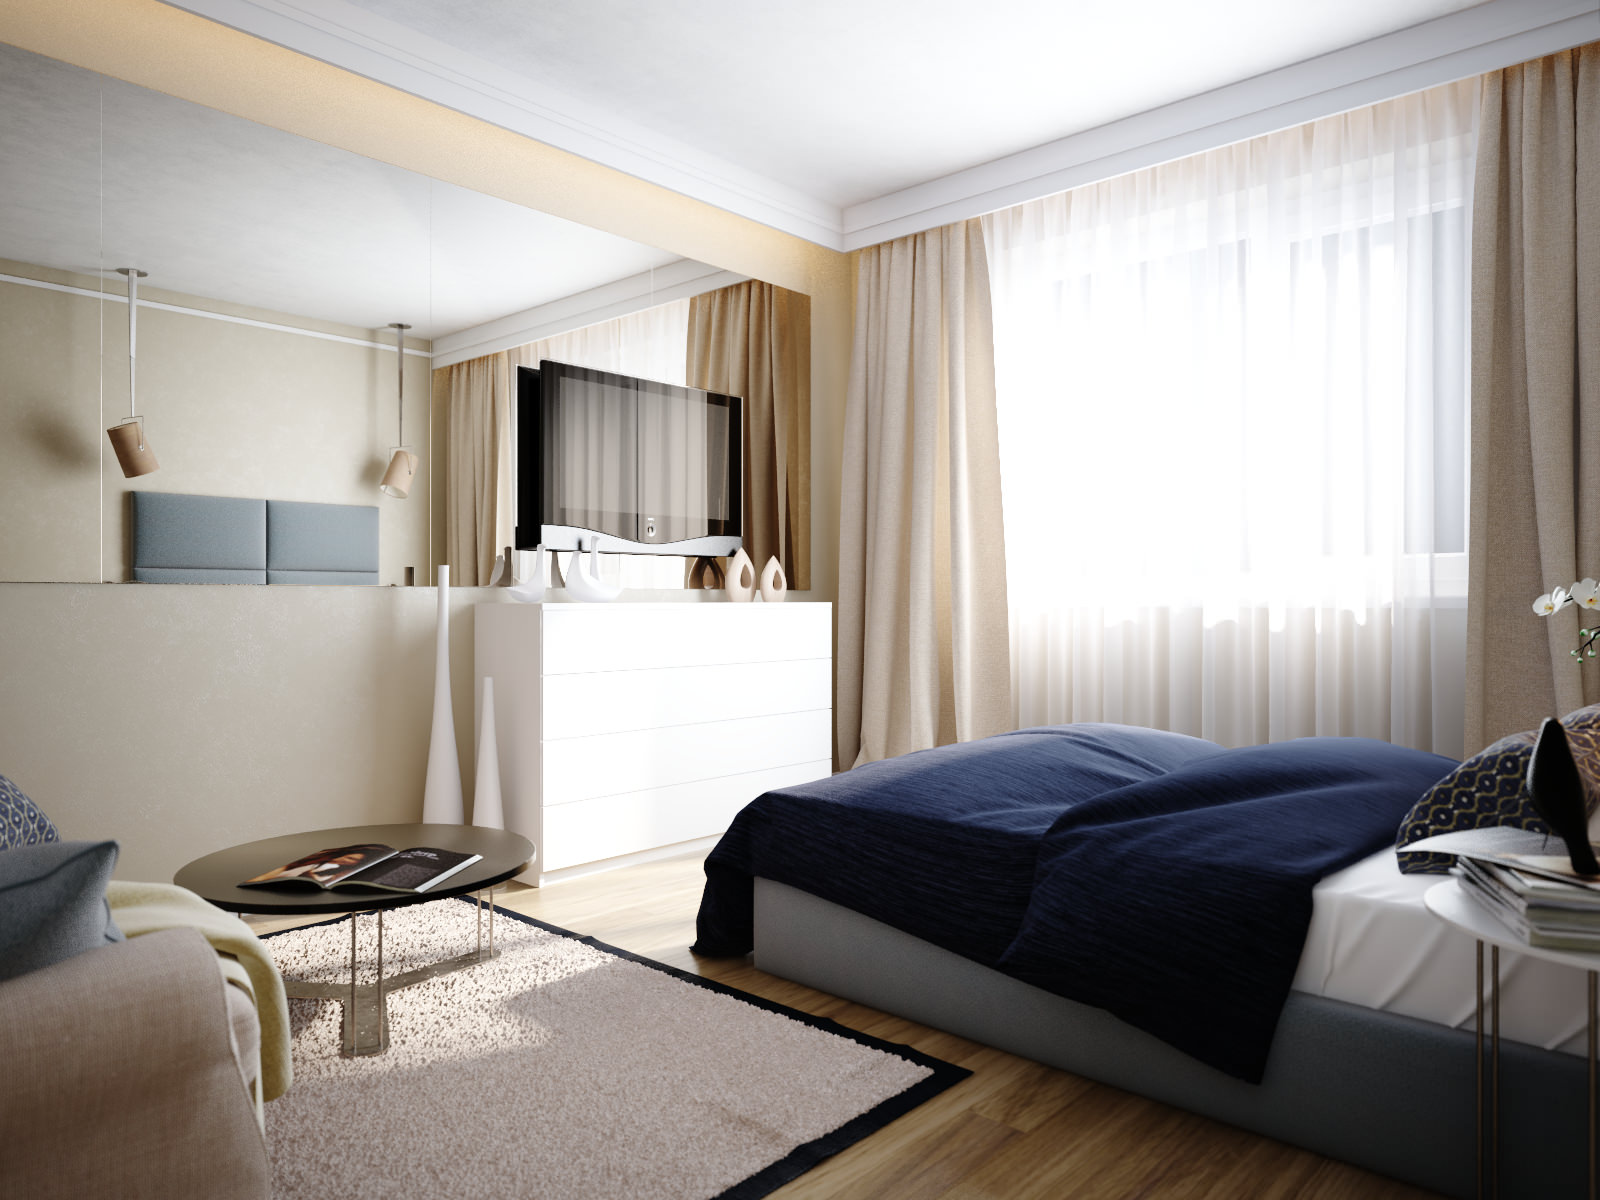 Дизайн однокомнатной квартиры кровать и диваны